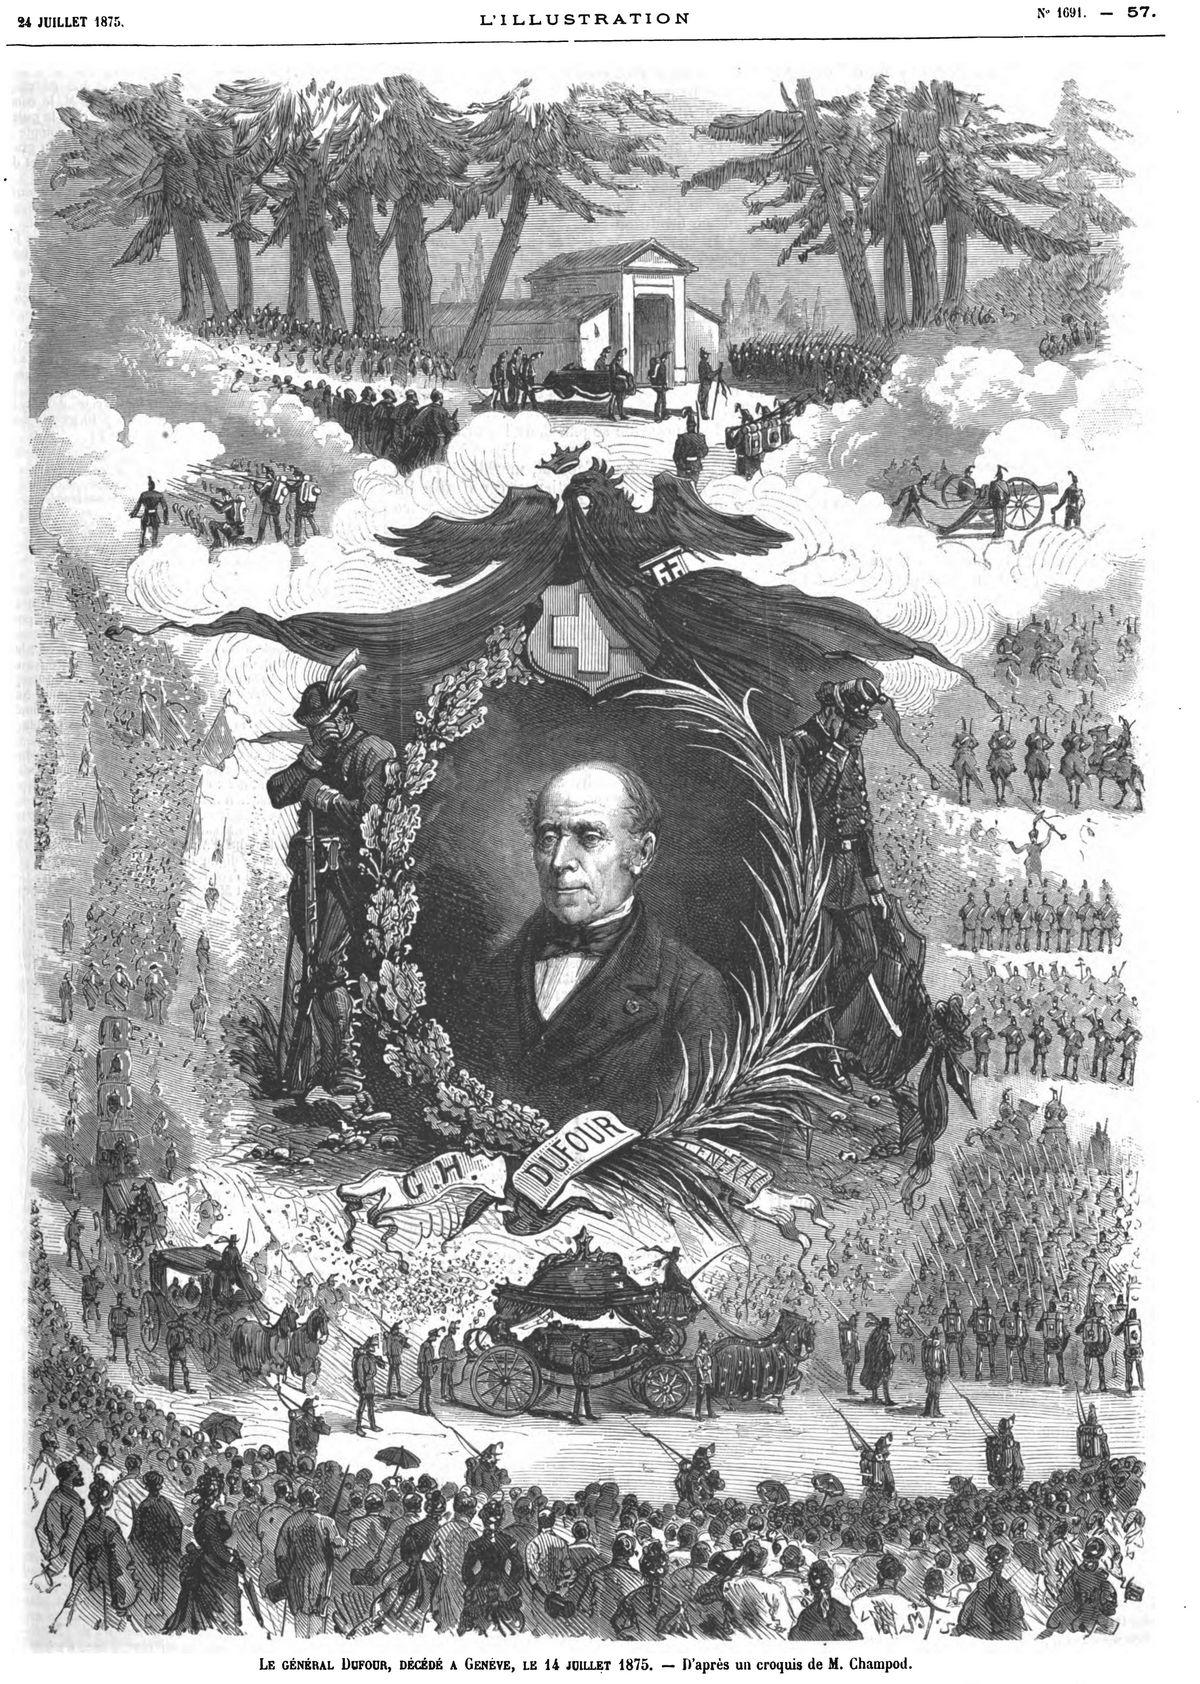 Le général Dufour, décédé à Genève, le 14 juillet 1875.